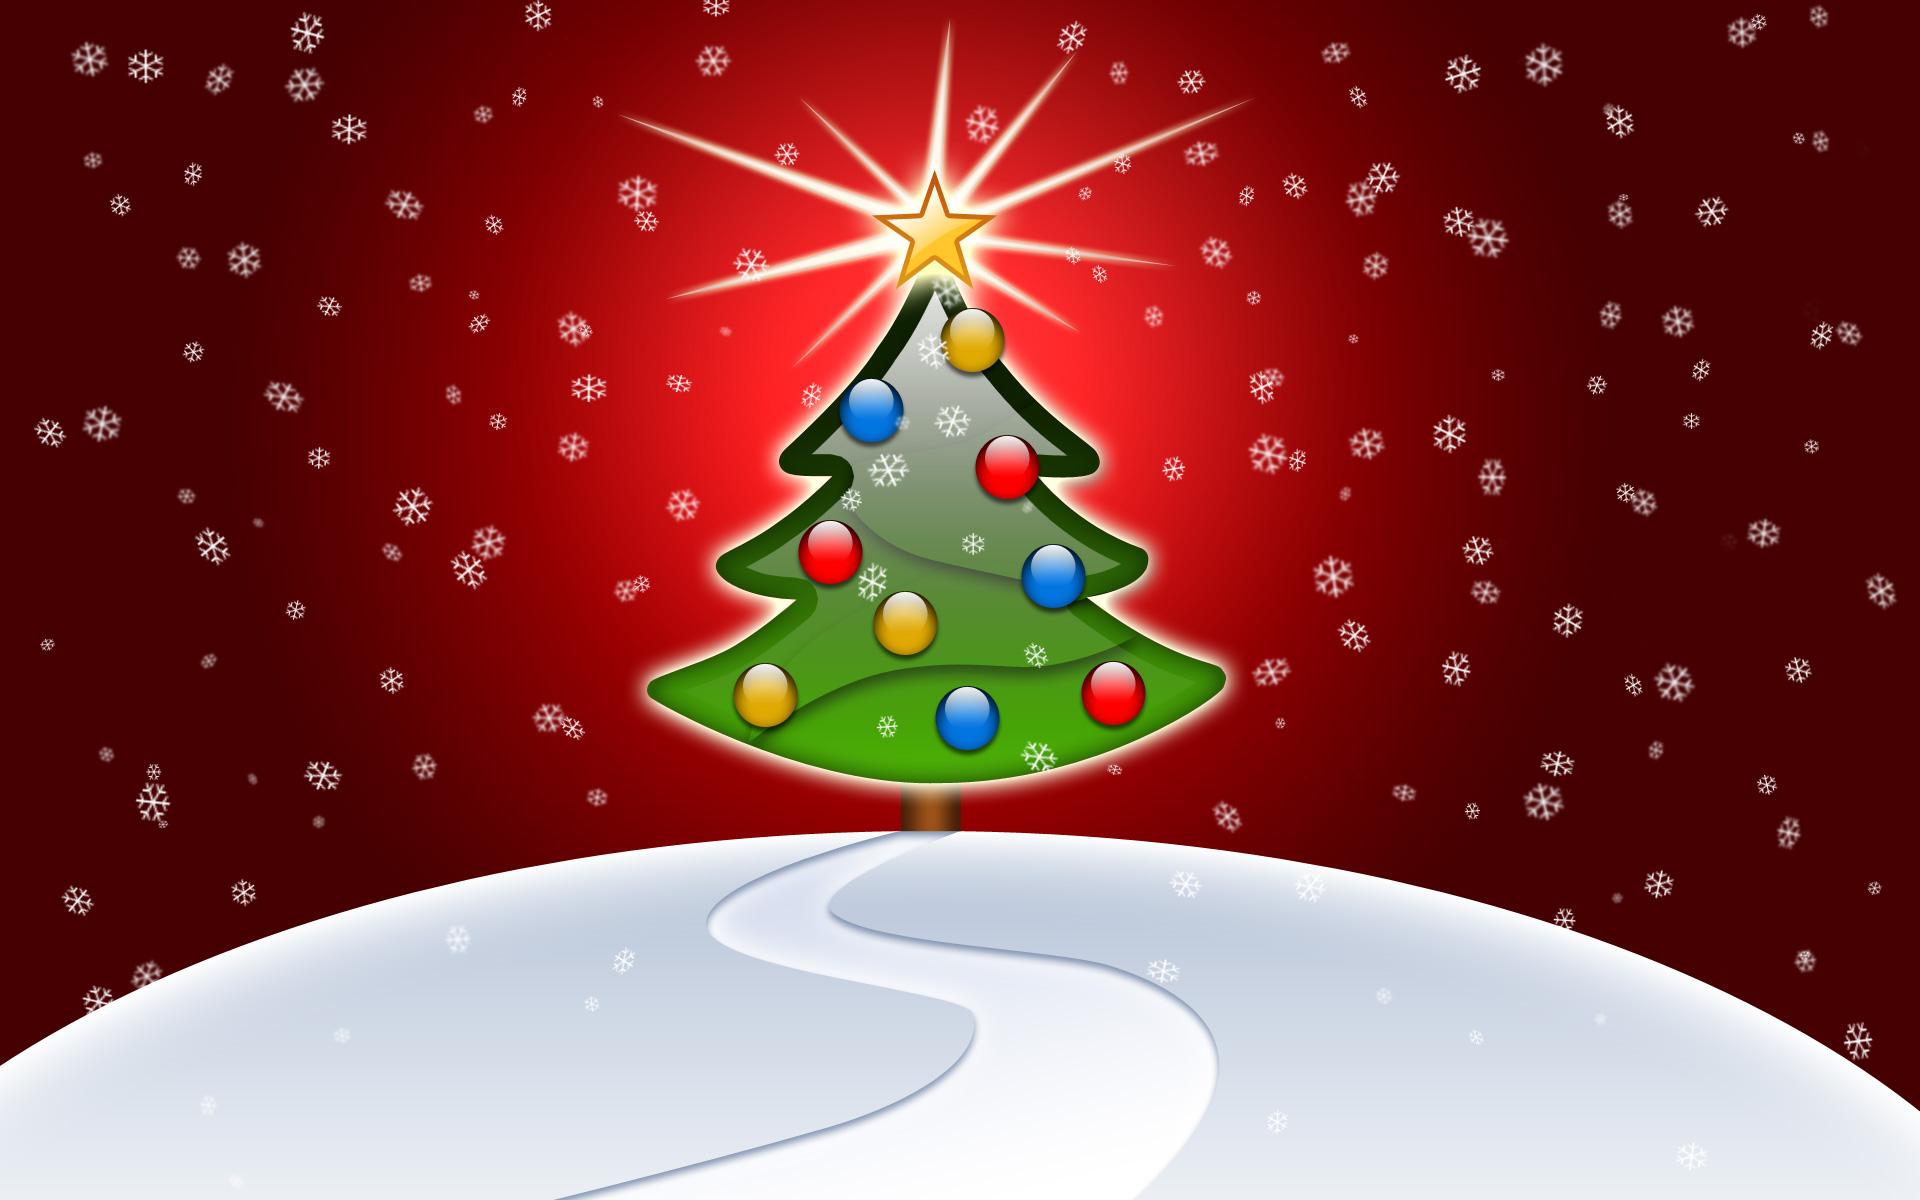 Dibujo con arbol de Navidad - 1920x1200